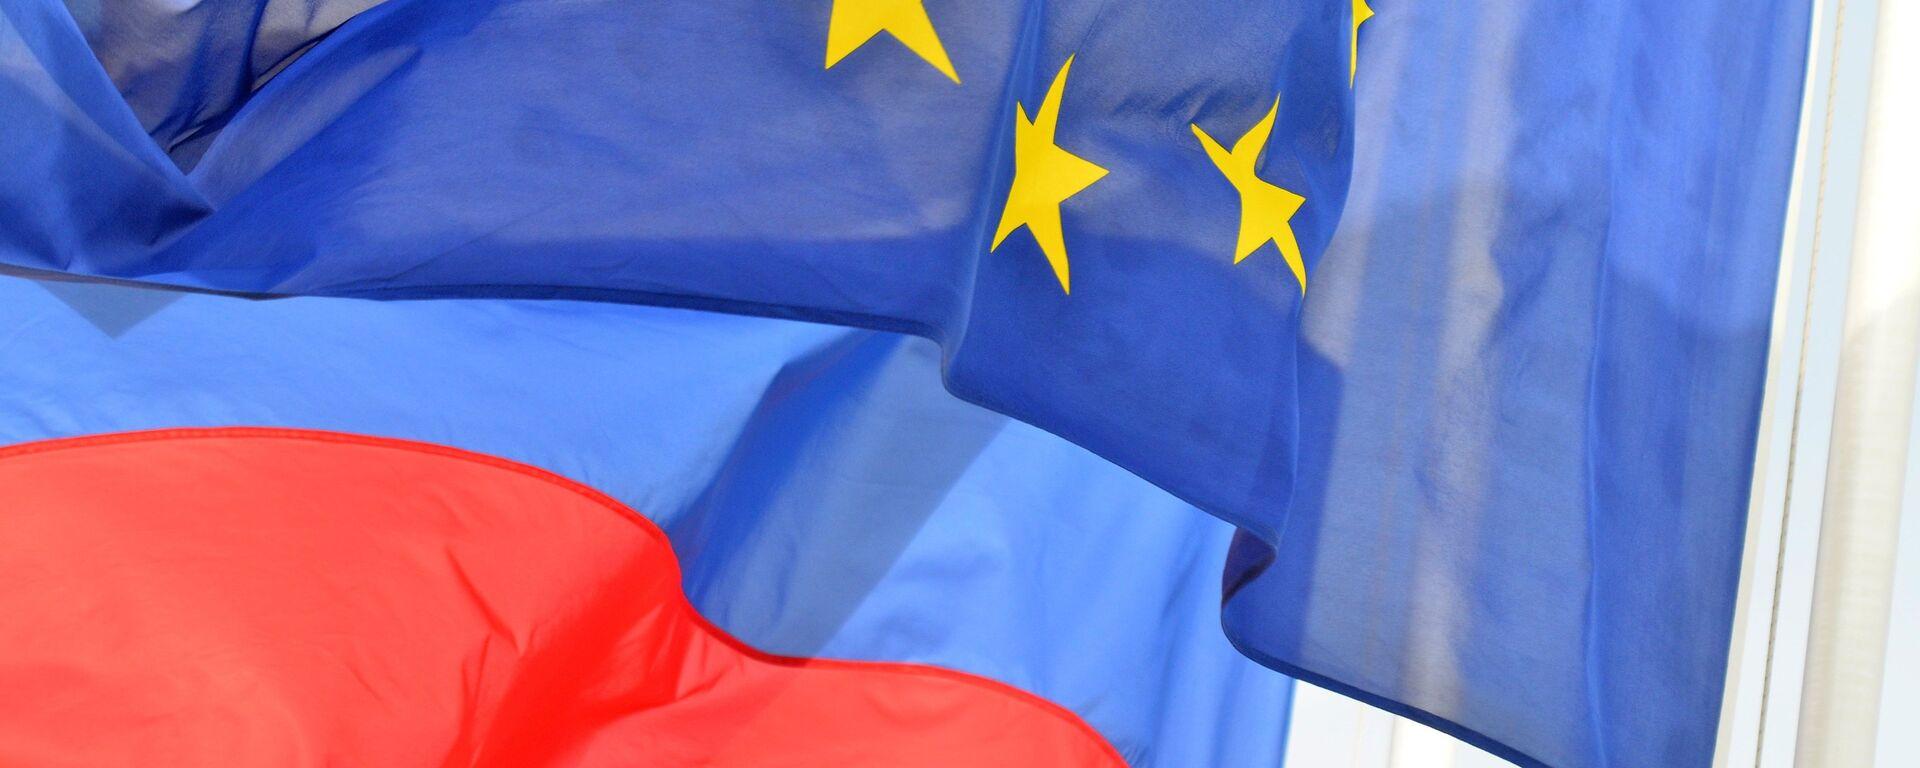 Флаги России и ЕС. Архивное фото - Sputnik Таджикистан, 1920, 03.06.2021